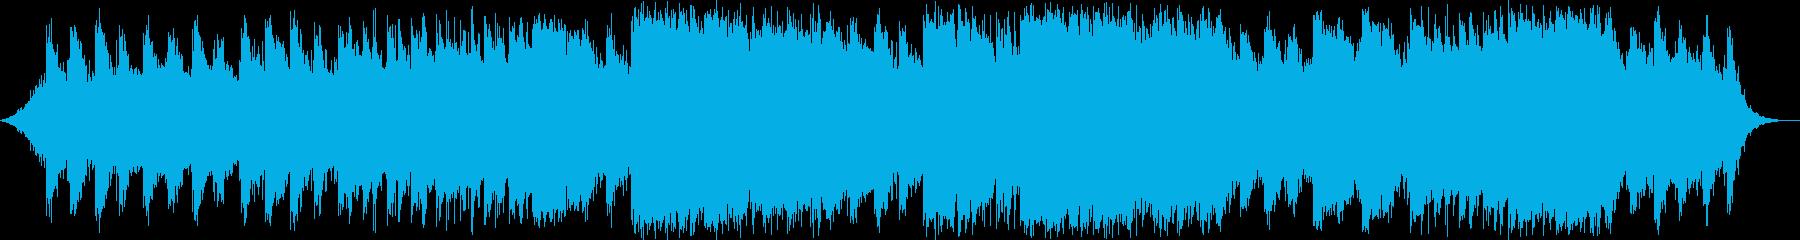 ケルト センチメンタル 感情的 気...の再生済みの波形